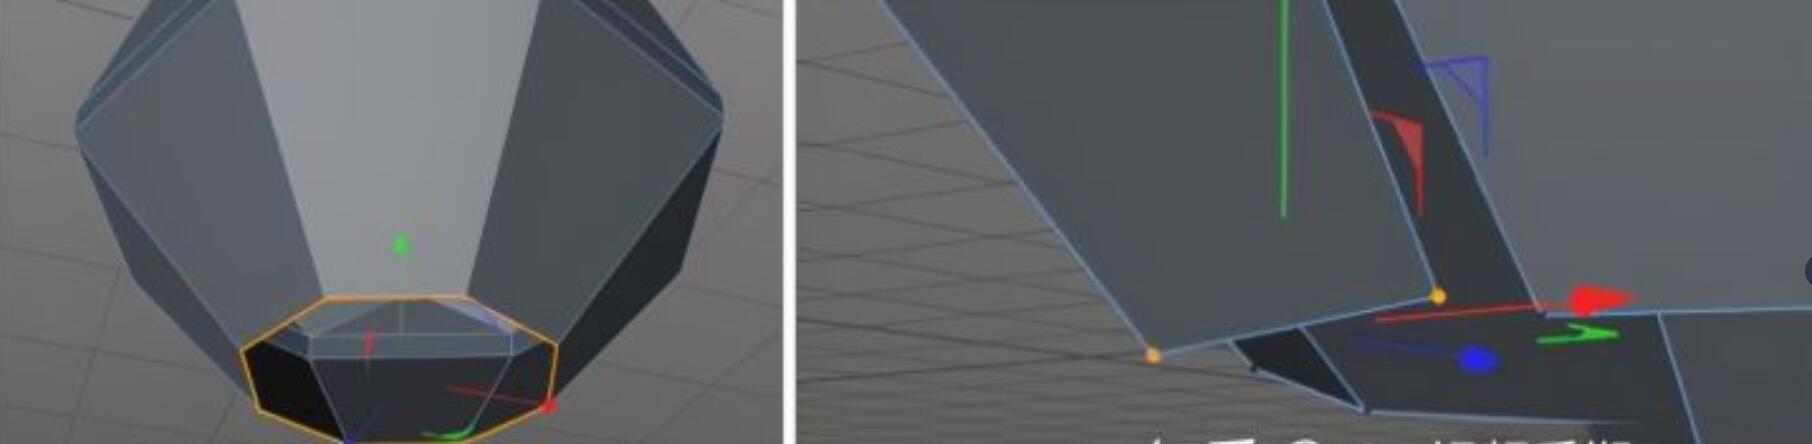 待改-C4D用材质和渲染焦散制作钻石建模(9)